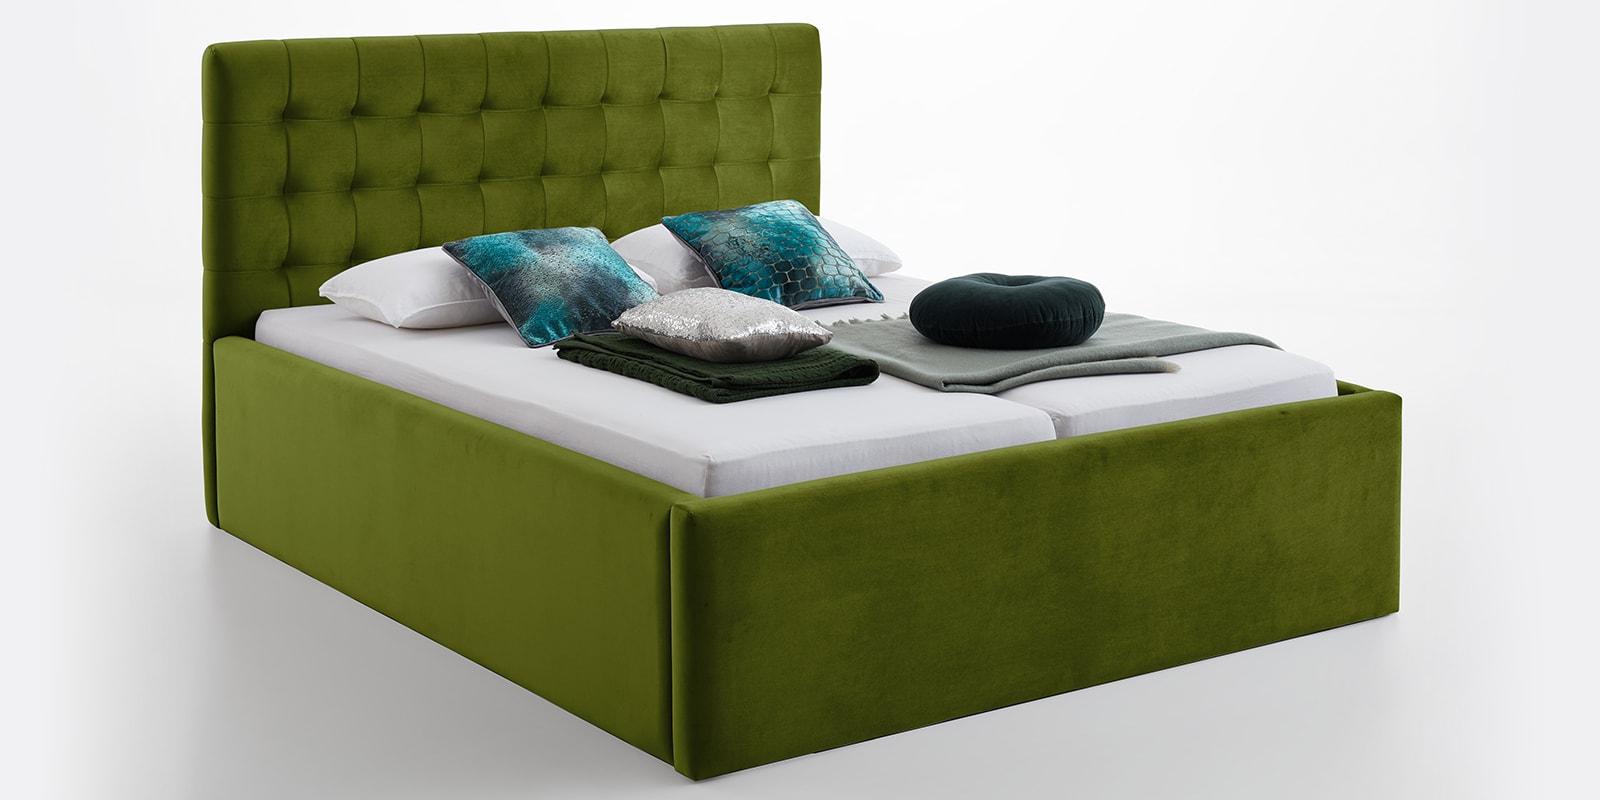 Moebella24 - Bett - mit - Bettkasten - Molly - Smaragd - Oliv - XXL-Bettkasten - Bettkasten - und - Lattenrost - vormontiert - Kopfteil - mit - Steppungen